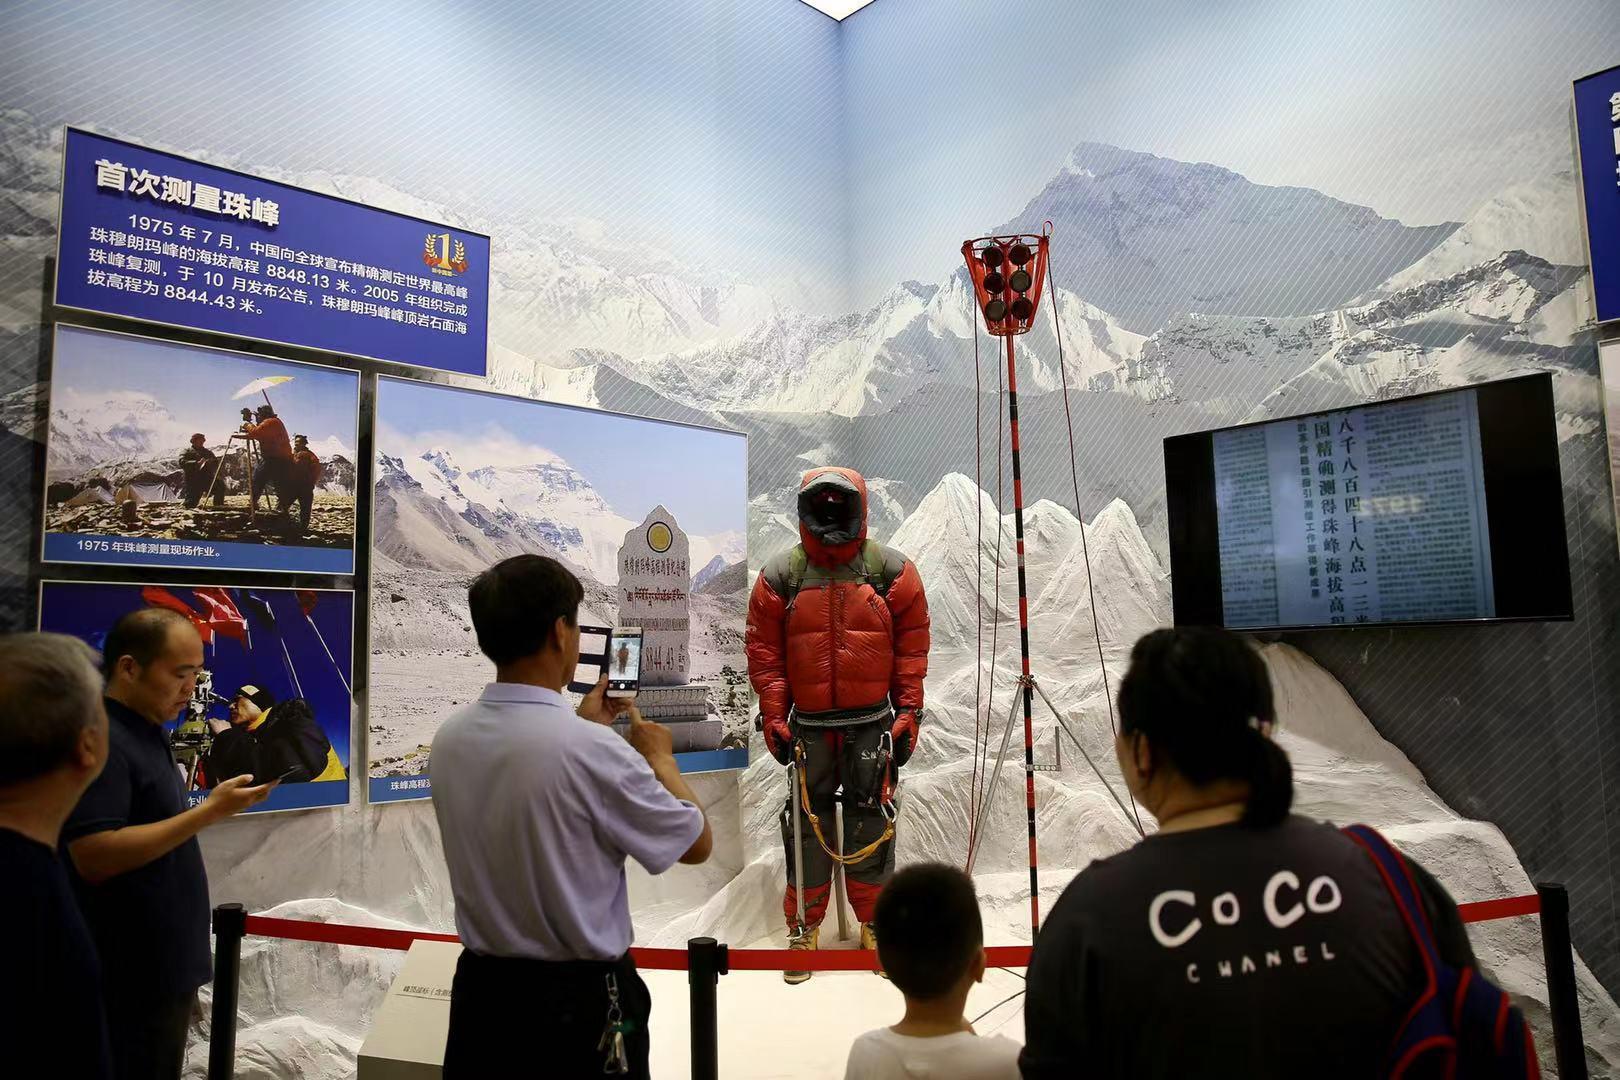 觀眾在參觀首次珠峰測量場景。.jpg